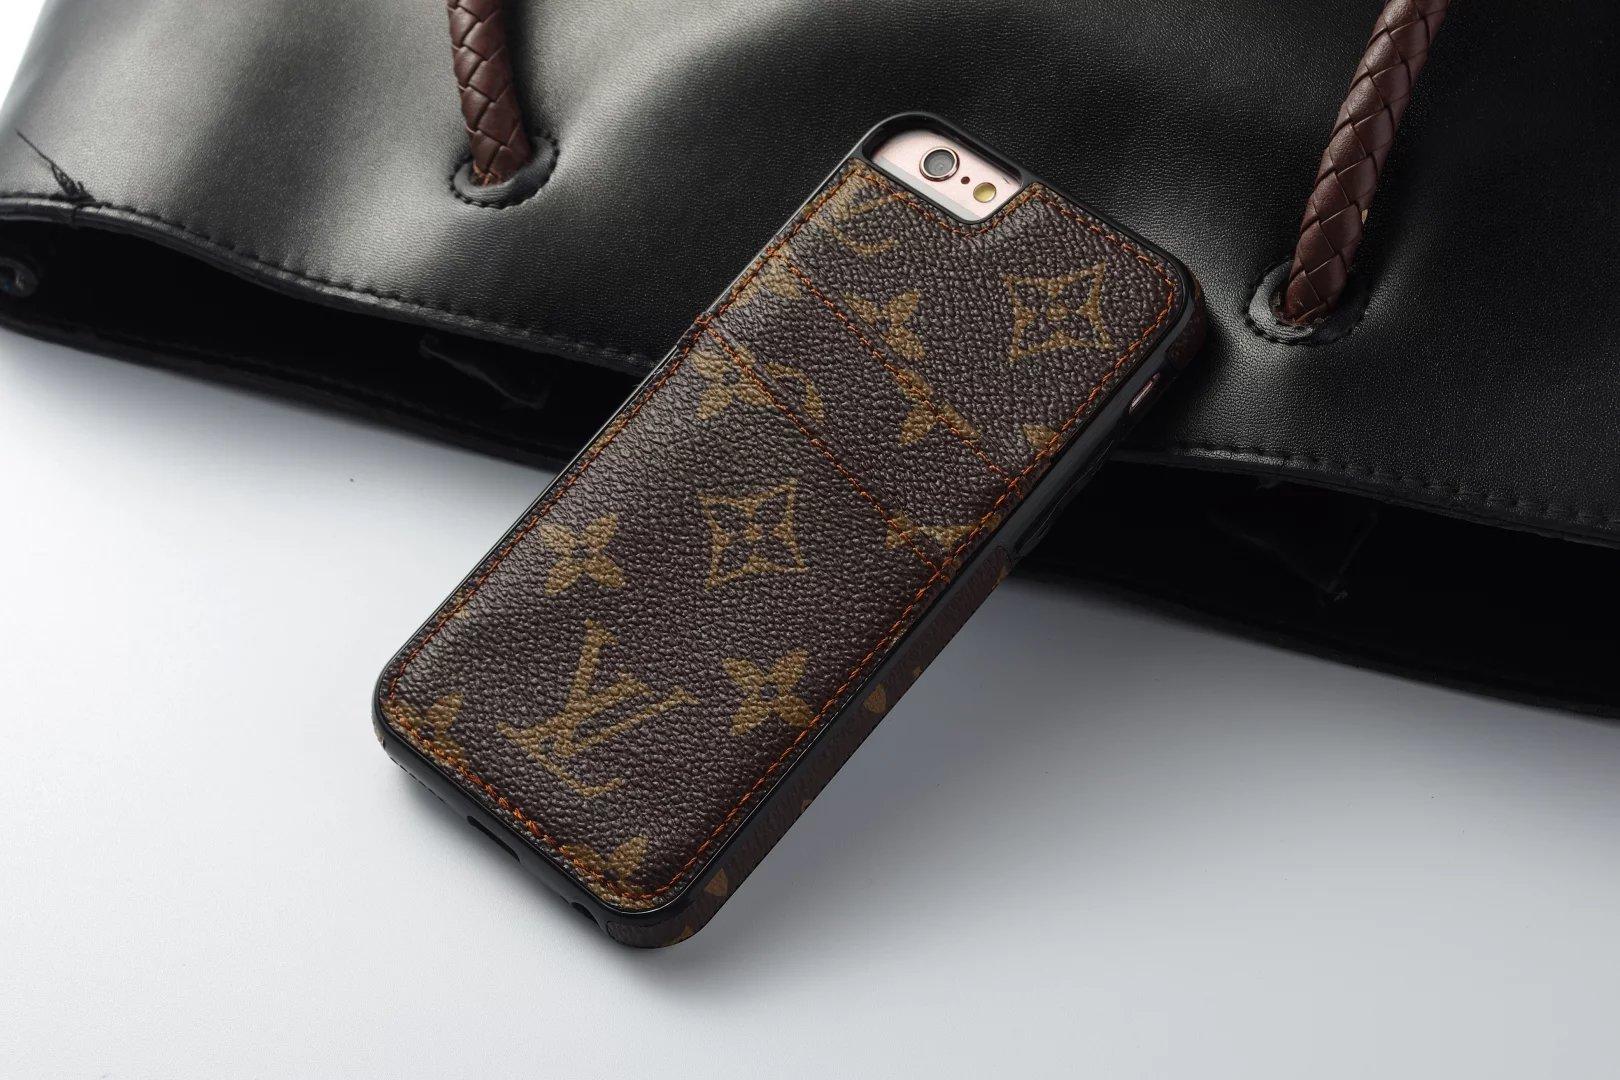 iphone hülle bedrucken lassen handyhülle iphone selbst gestalten Louis Vuitton iphone6 plus hülle iphone 6 Plus hülle bunt iphone 6 Plus s oder 6 iphone 6 Plus hülle design handyhülle erstellen handy ca6 bedrucken las6n handy bedrucken